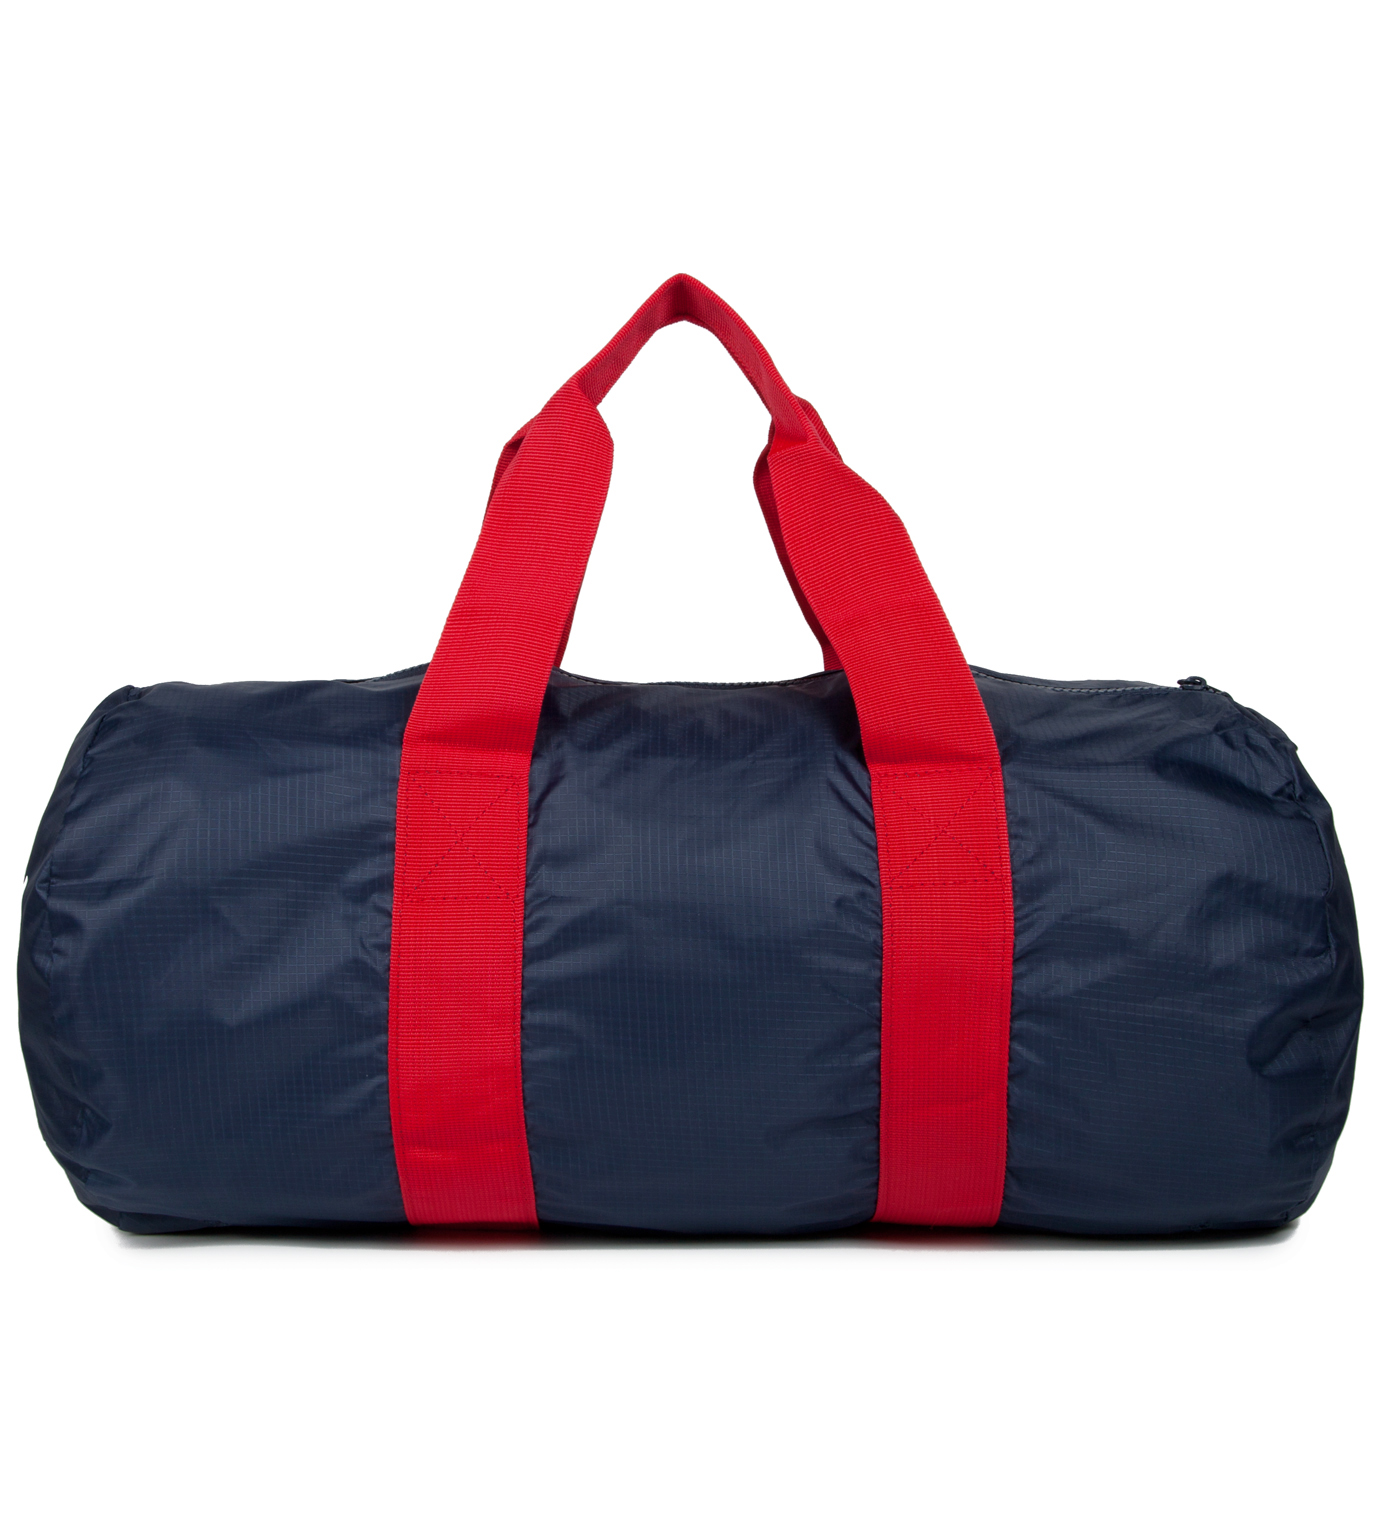 Herschel Supply Co. Navy/Red Packable Duffle Bag